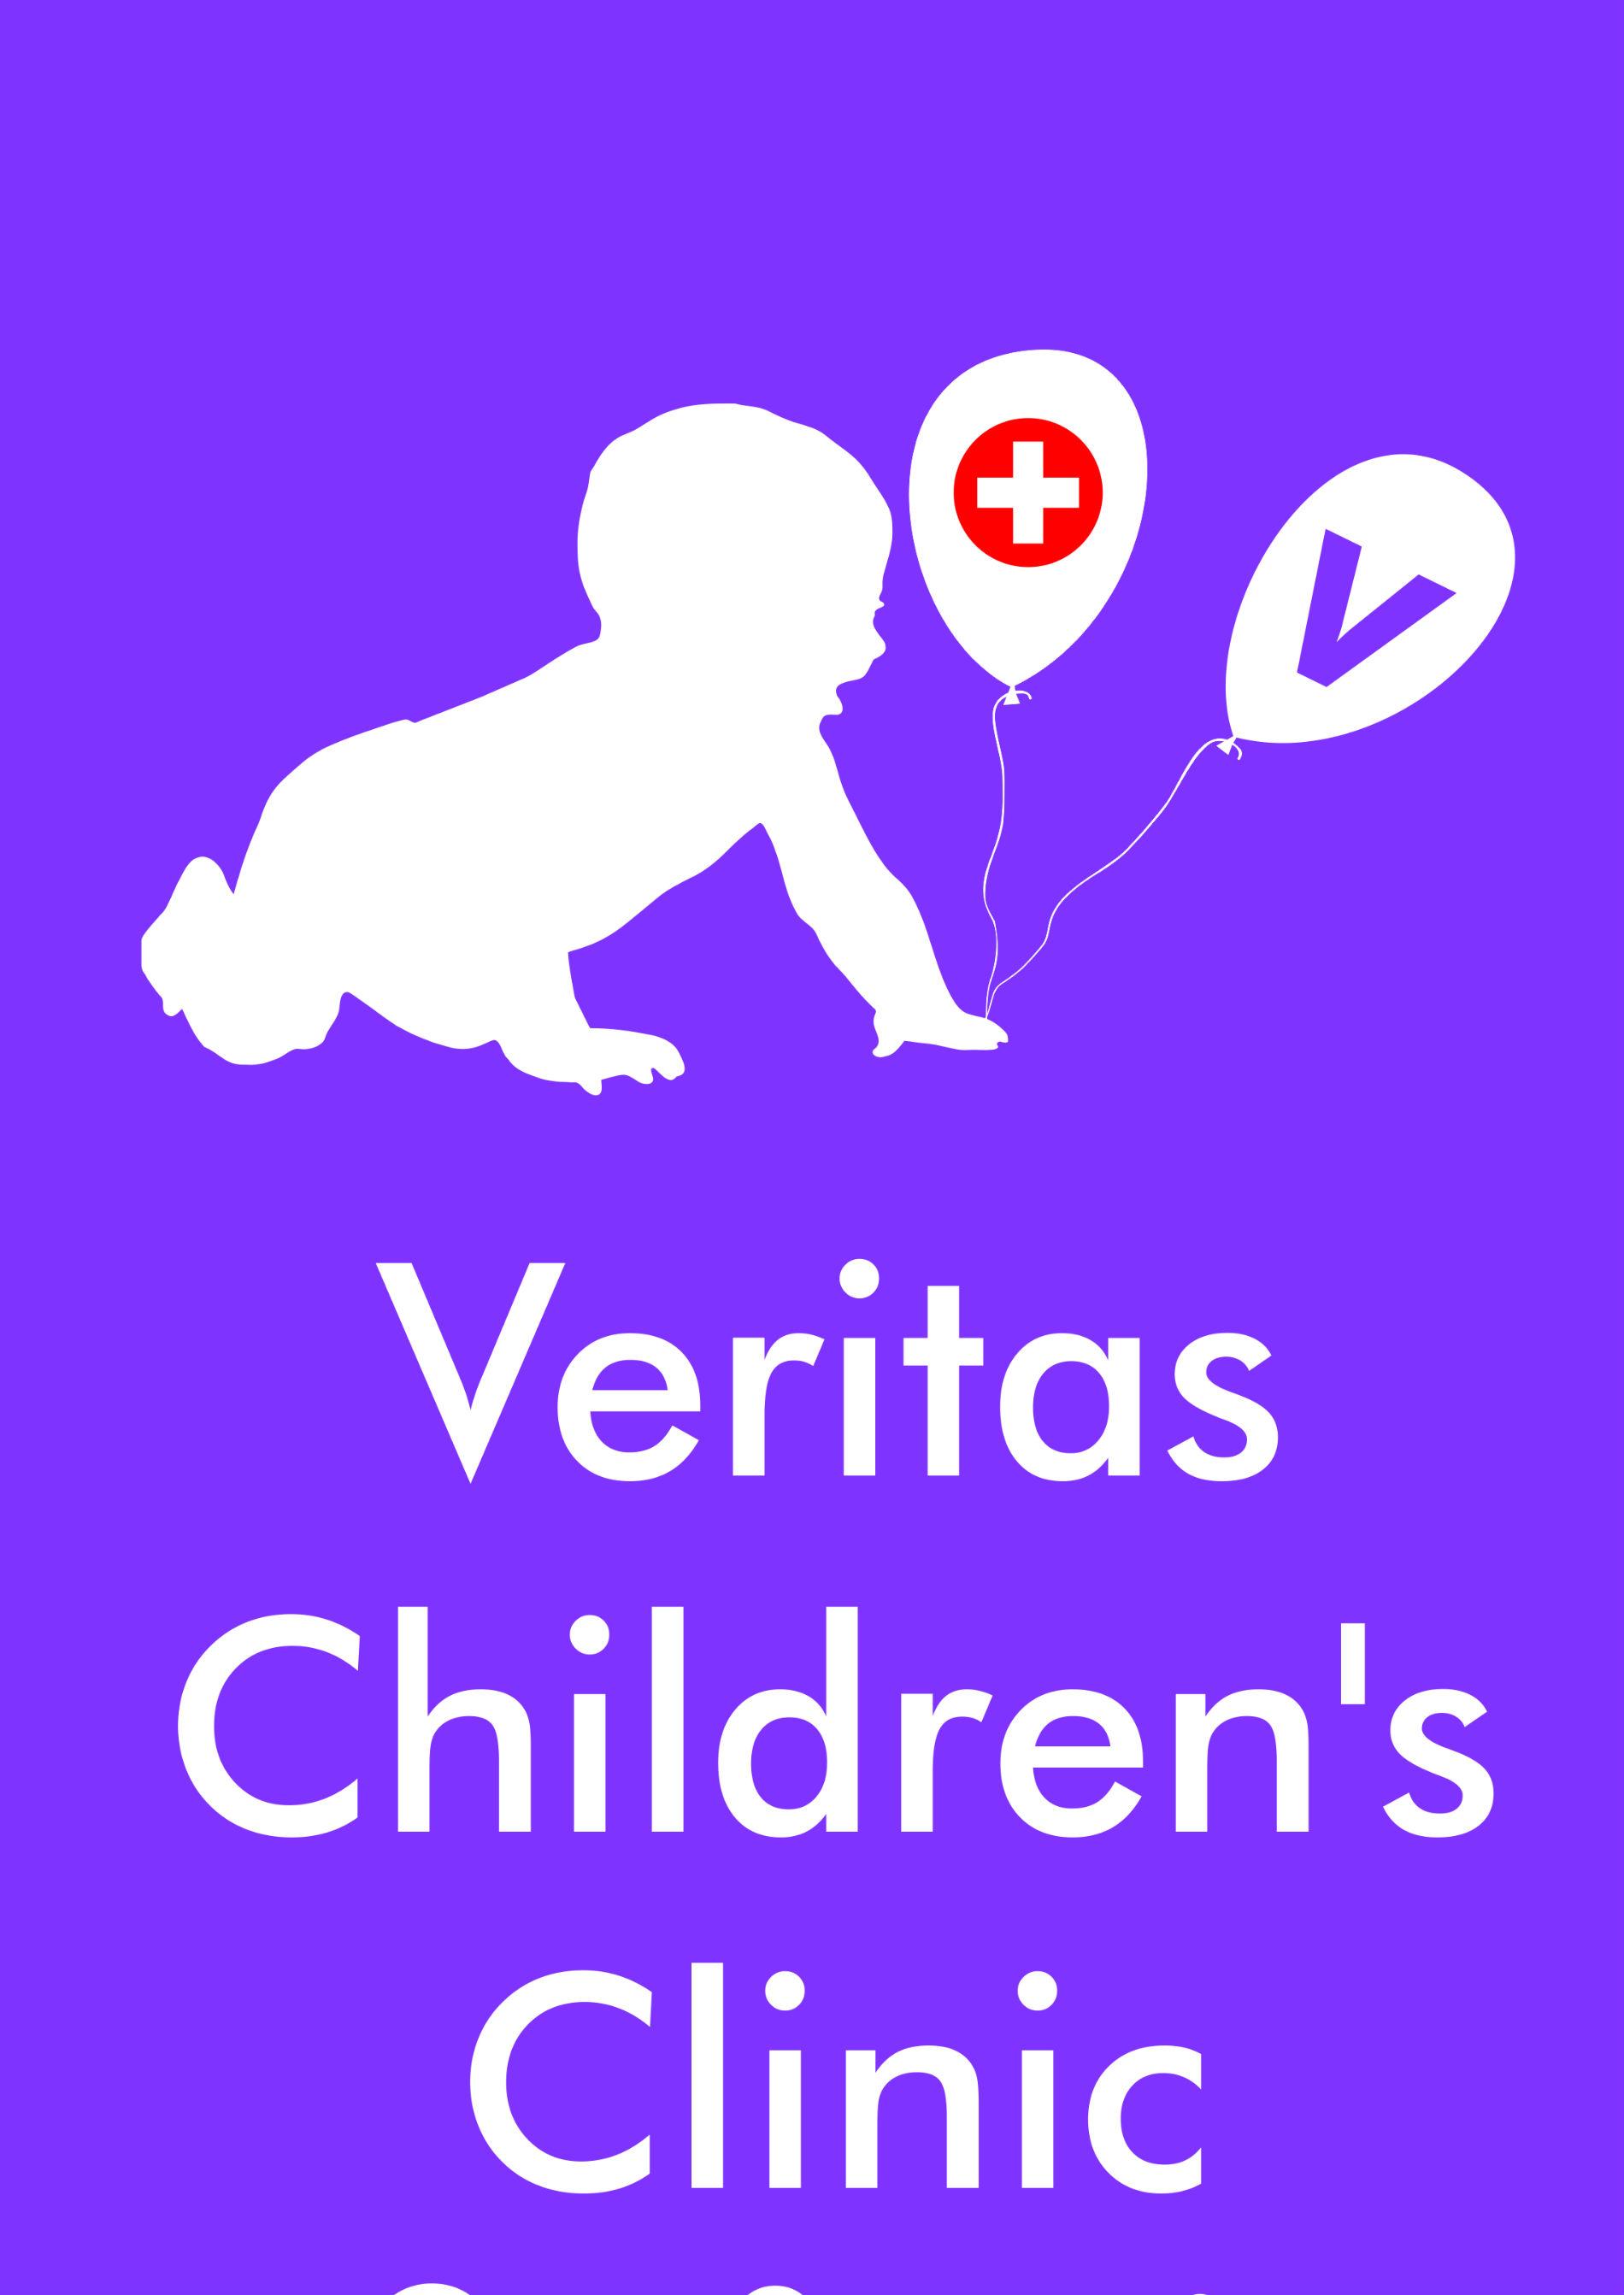 Veritas Children's Clinic